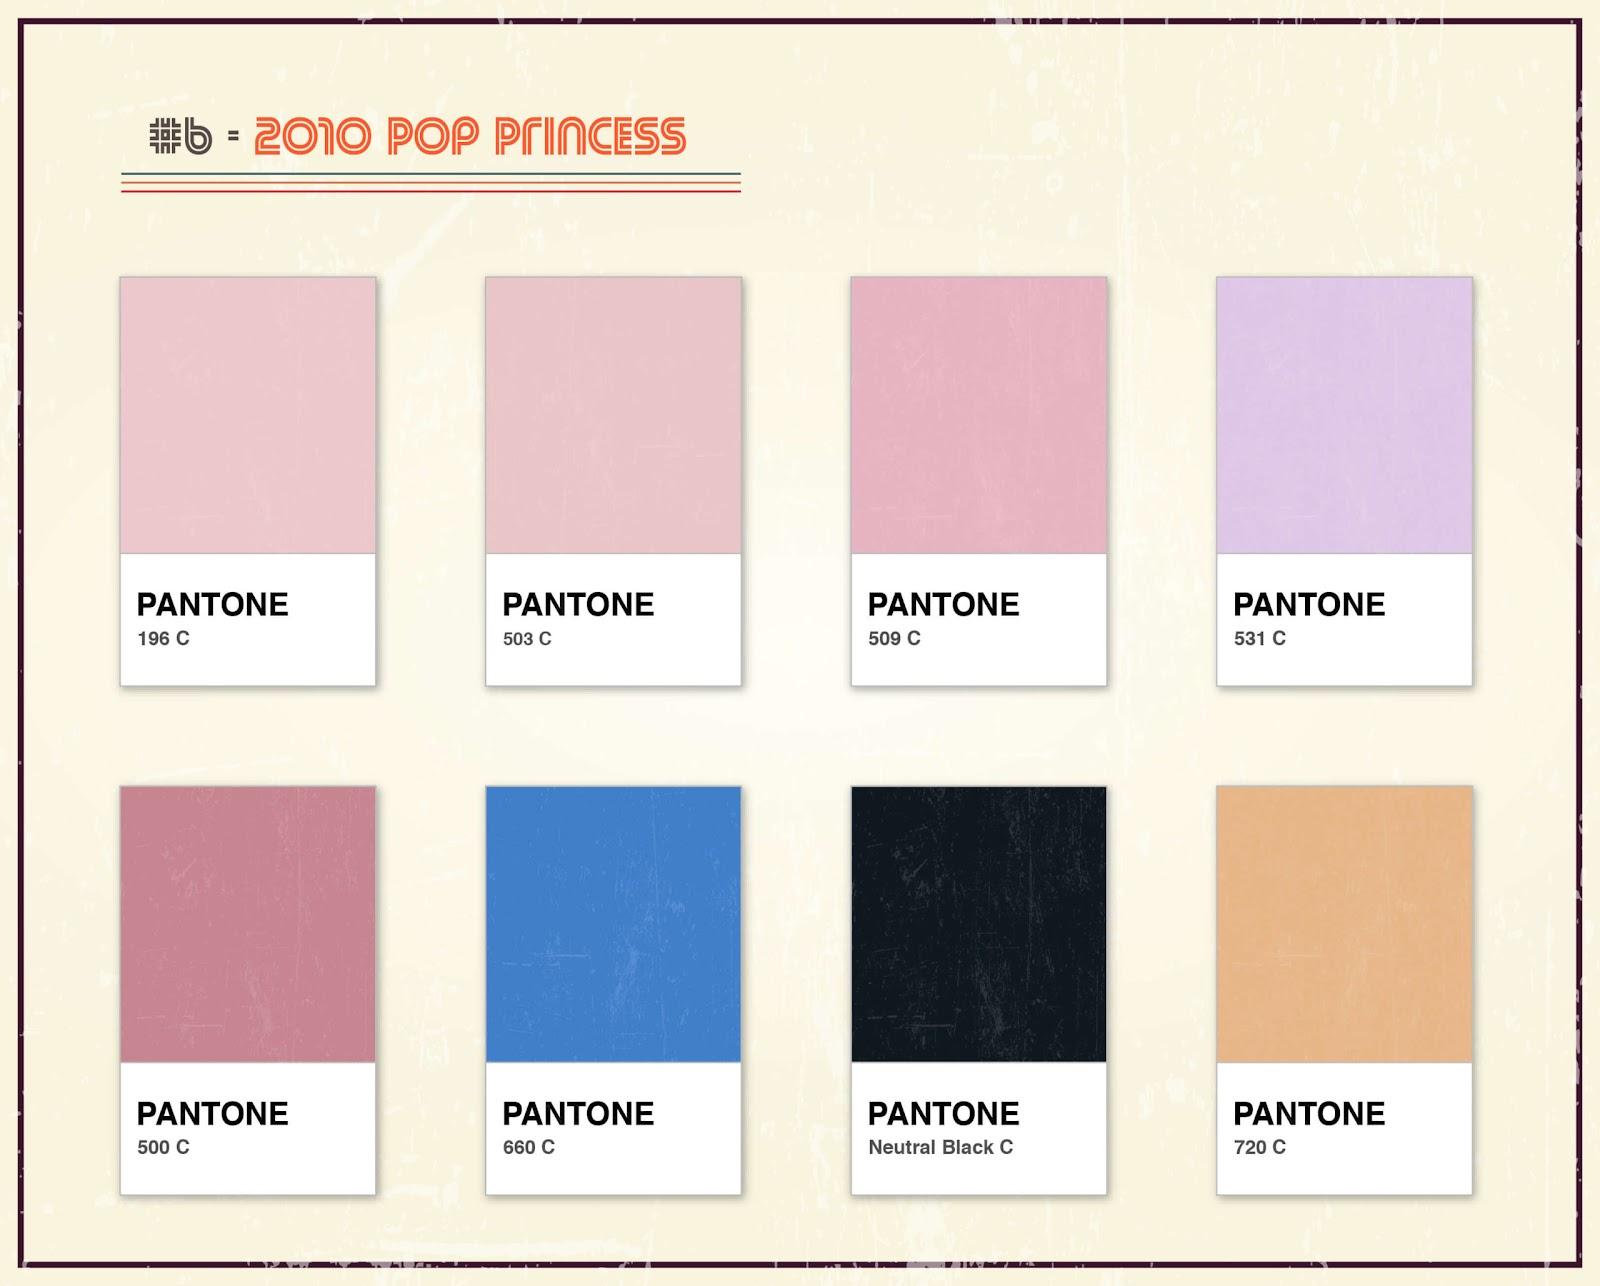 Album Artwork As Pantone: Famous Album Covers Without Text Quiz_6